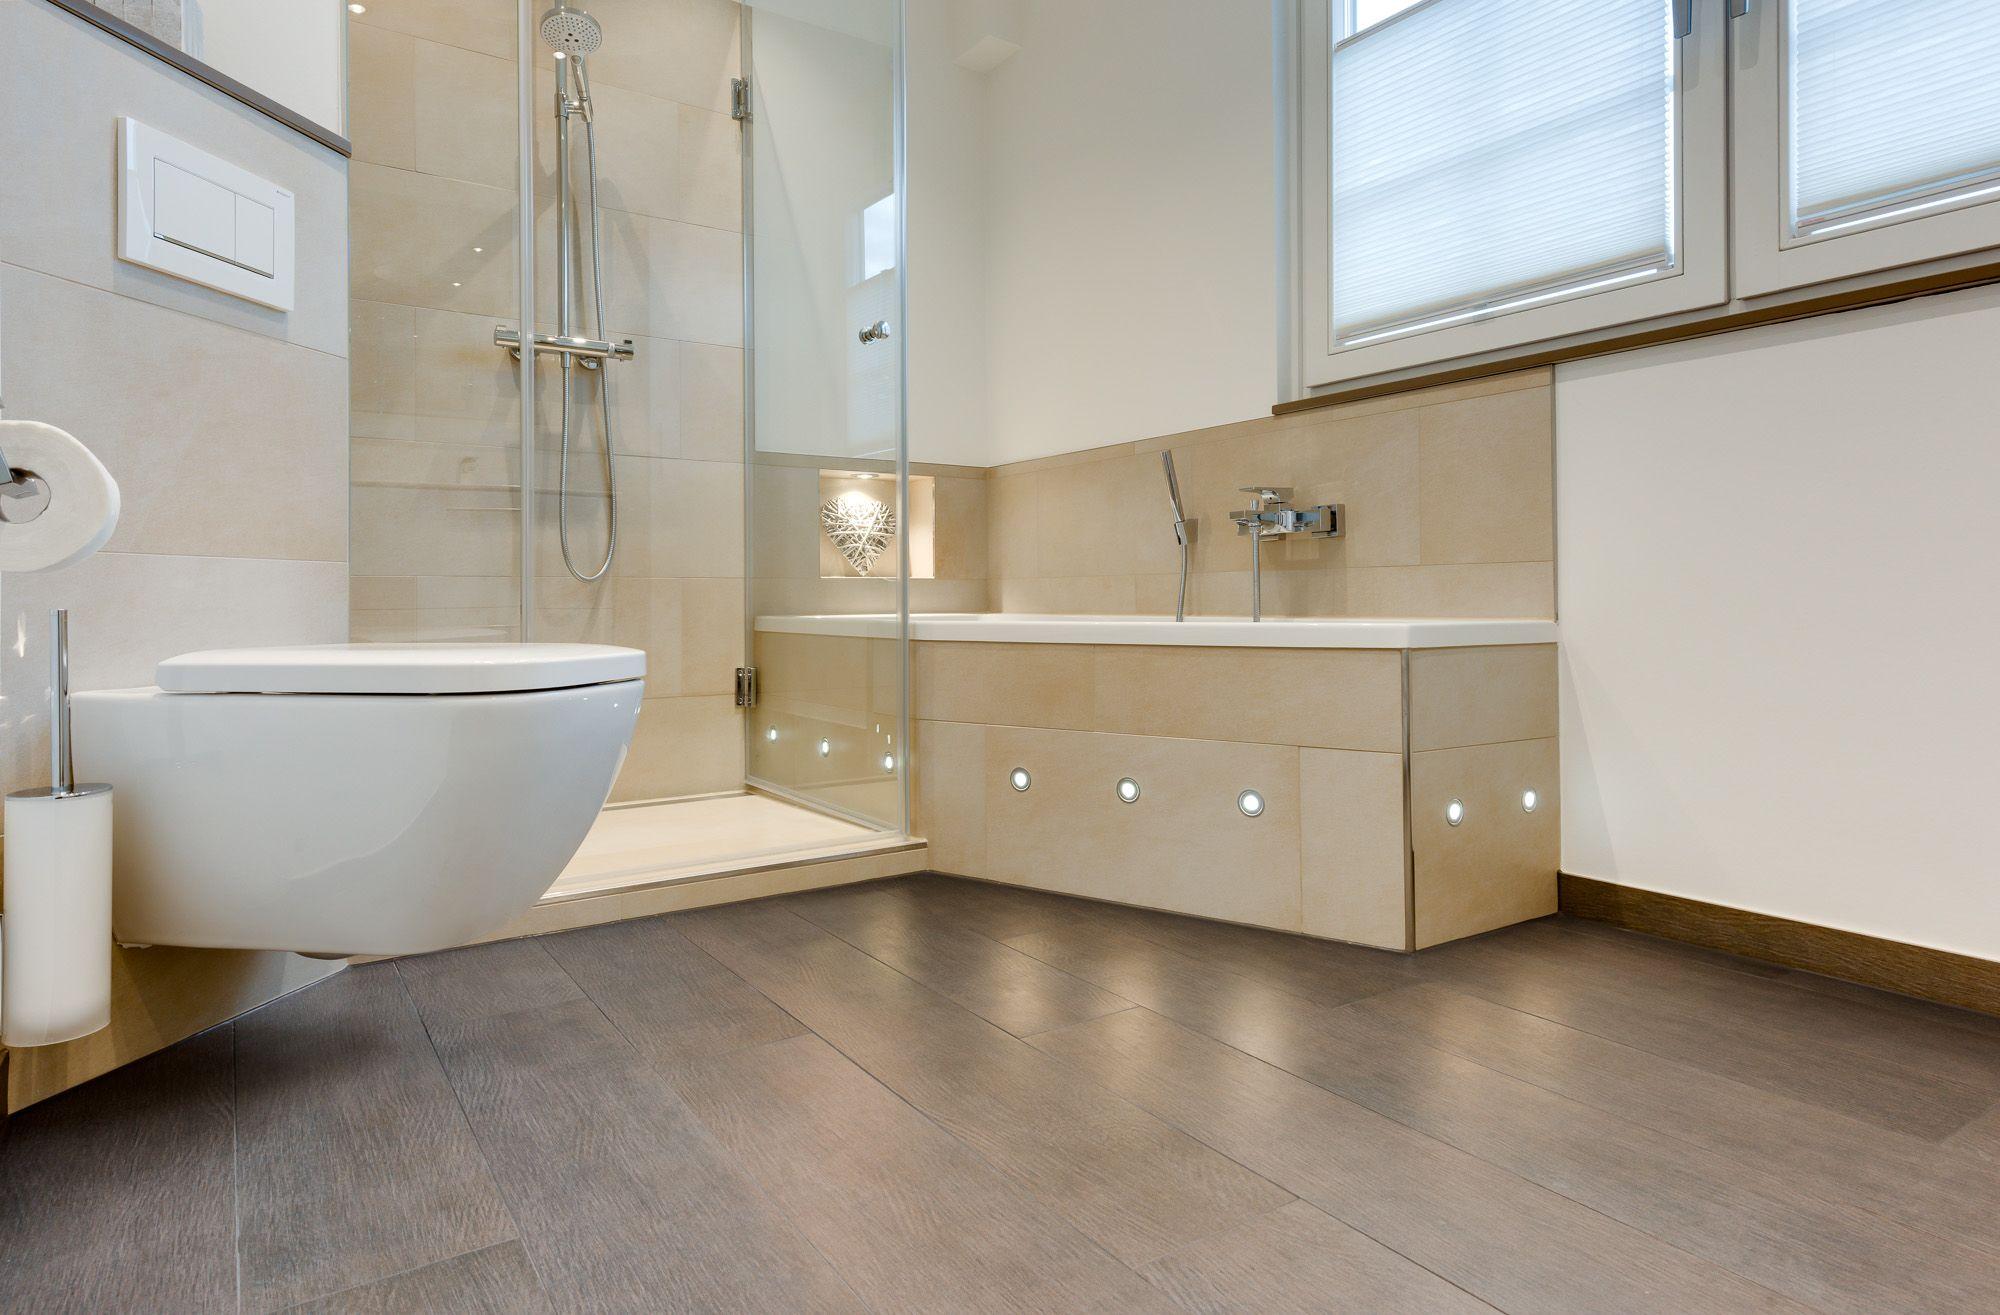 Modernes Badezimmer Mit Reduziertem Fliesenspiegel Hellbraunen